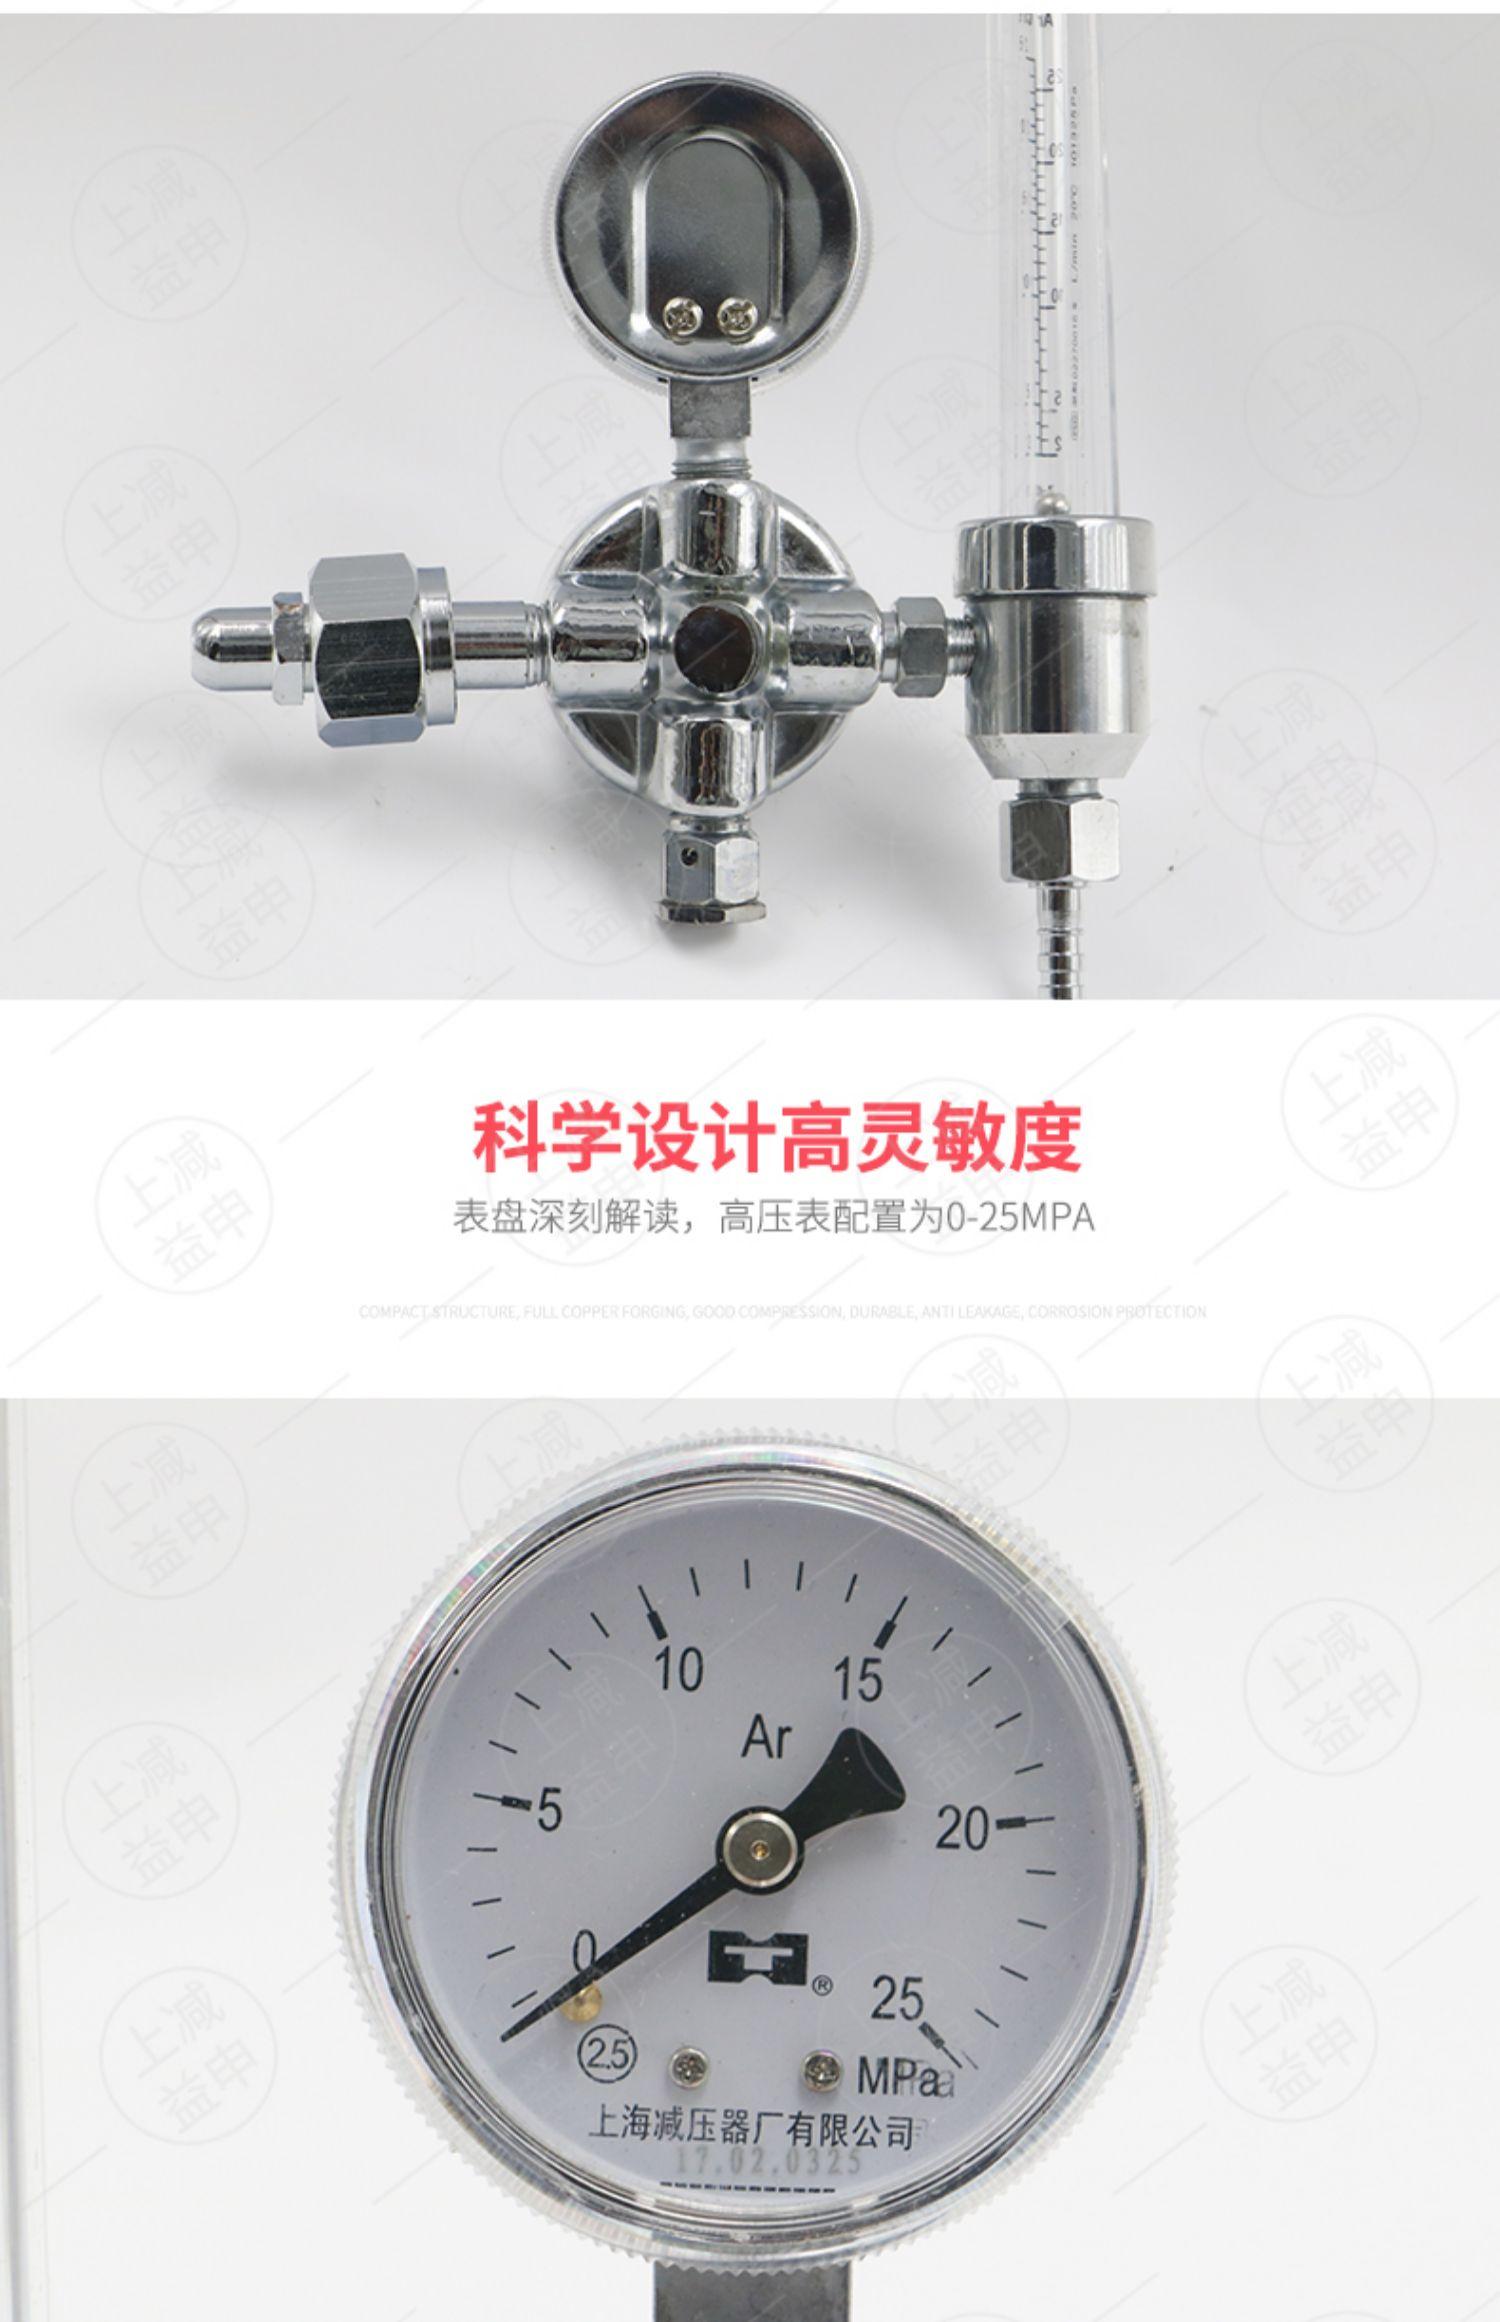 上减牌YQAR-731L 上海减压器厂氩气减压器调压器稳压器压力表商品详情图